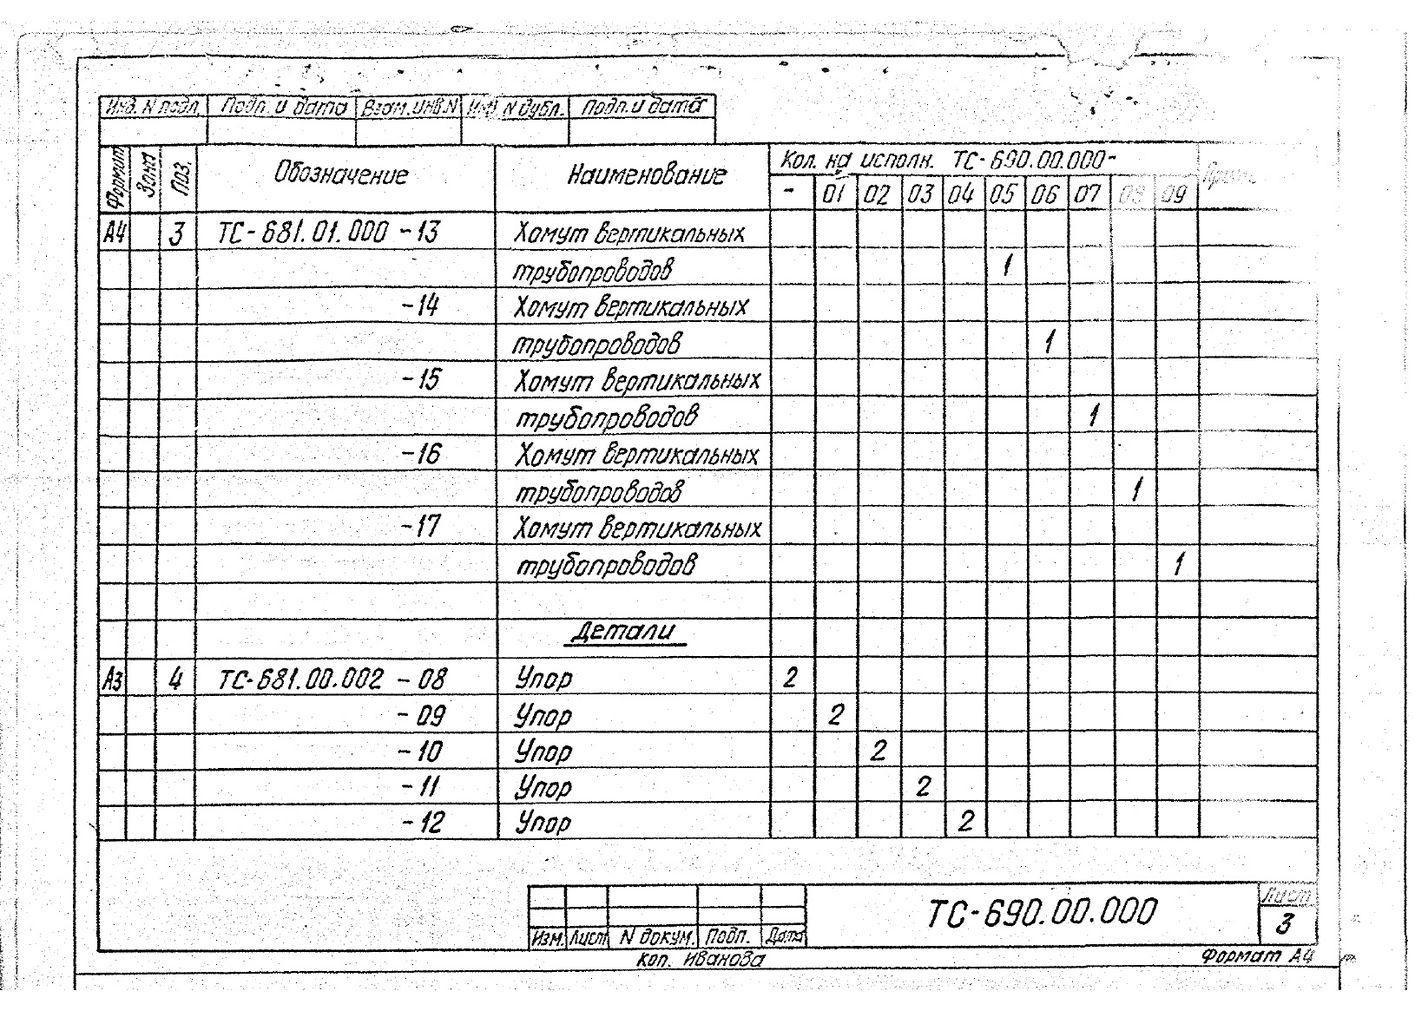 Подвески пружинные для вертикальных трубопроводов Дн 159-1420 мм ТС-690.00.000 СБ серия 5.903-13 выпуск 6-95 стр.6